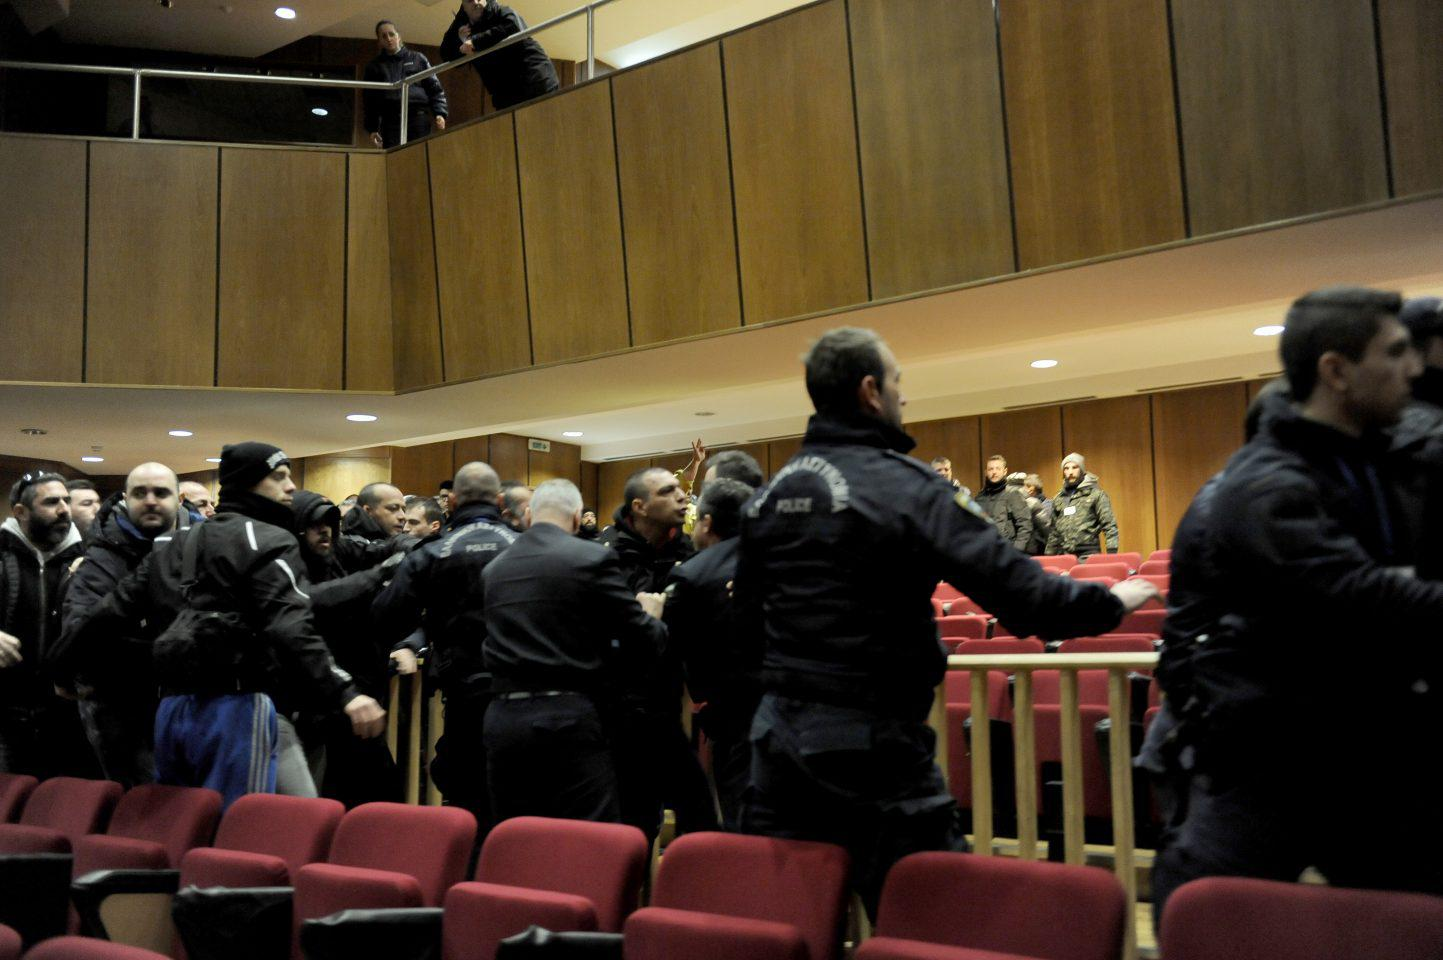 diki-xa-epeisodia-1300-7 Η Μάγδα Φύσσα θα καταθέσει μήνυση για τα επεισόδια στη δίκη της Χρυσής Αυγής